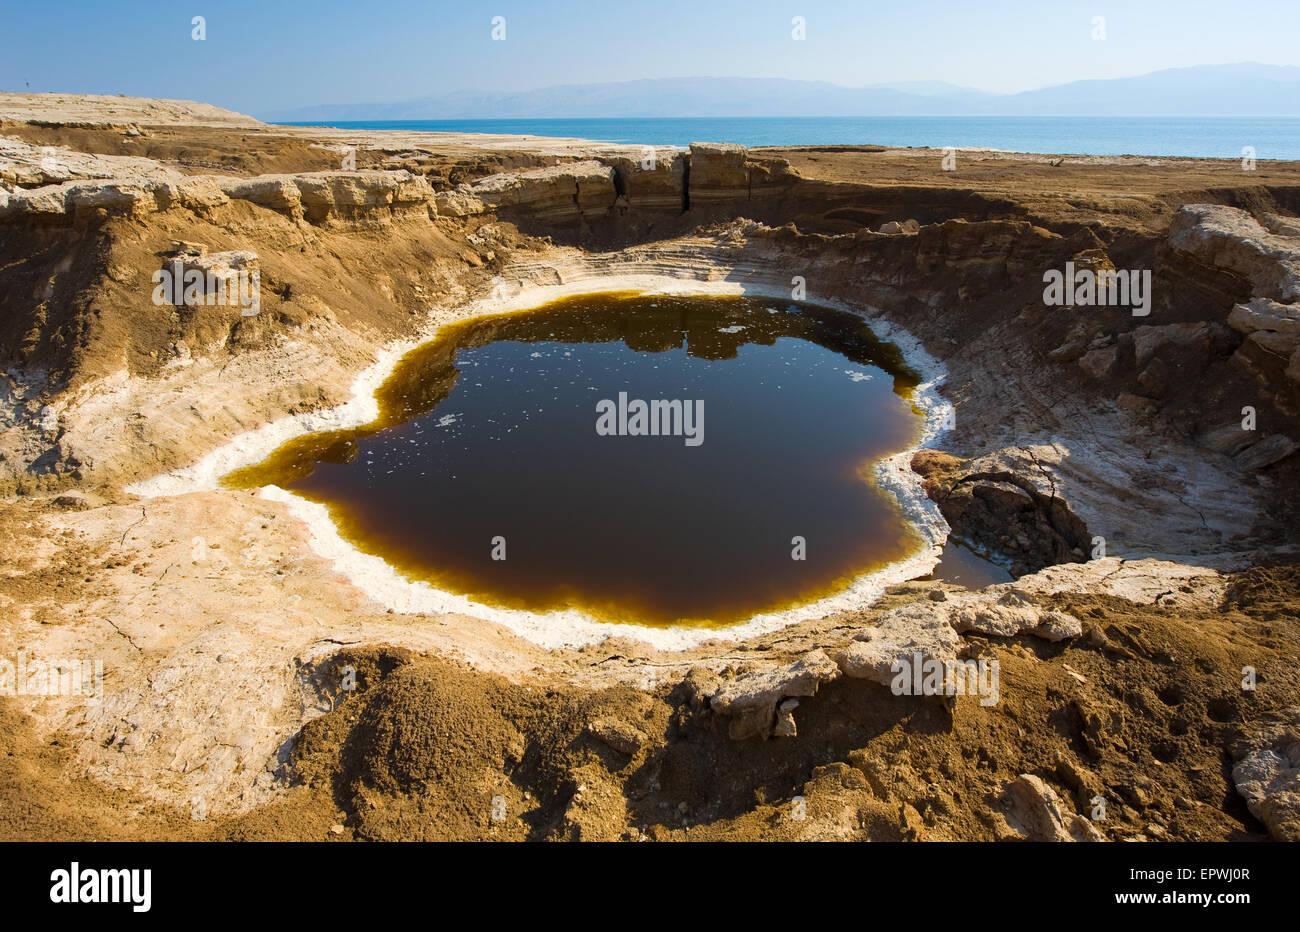 Gouffre à ciel ouvert ou sur la rive est de la mer morte à la fin de l'été lorsque le niveau d'eau est à son plus bas Banque D'Images